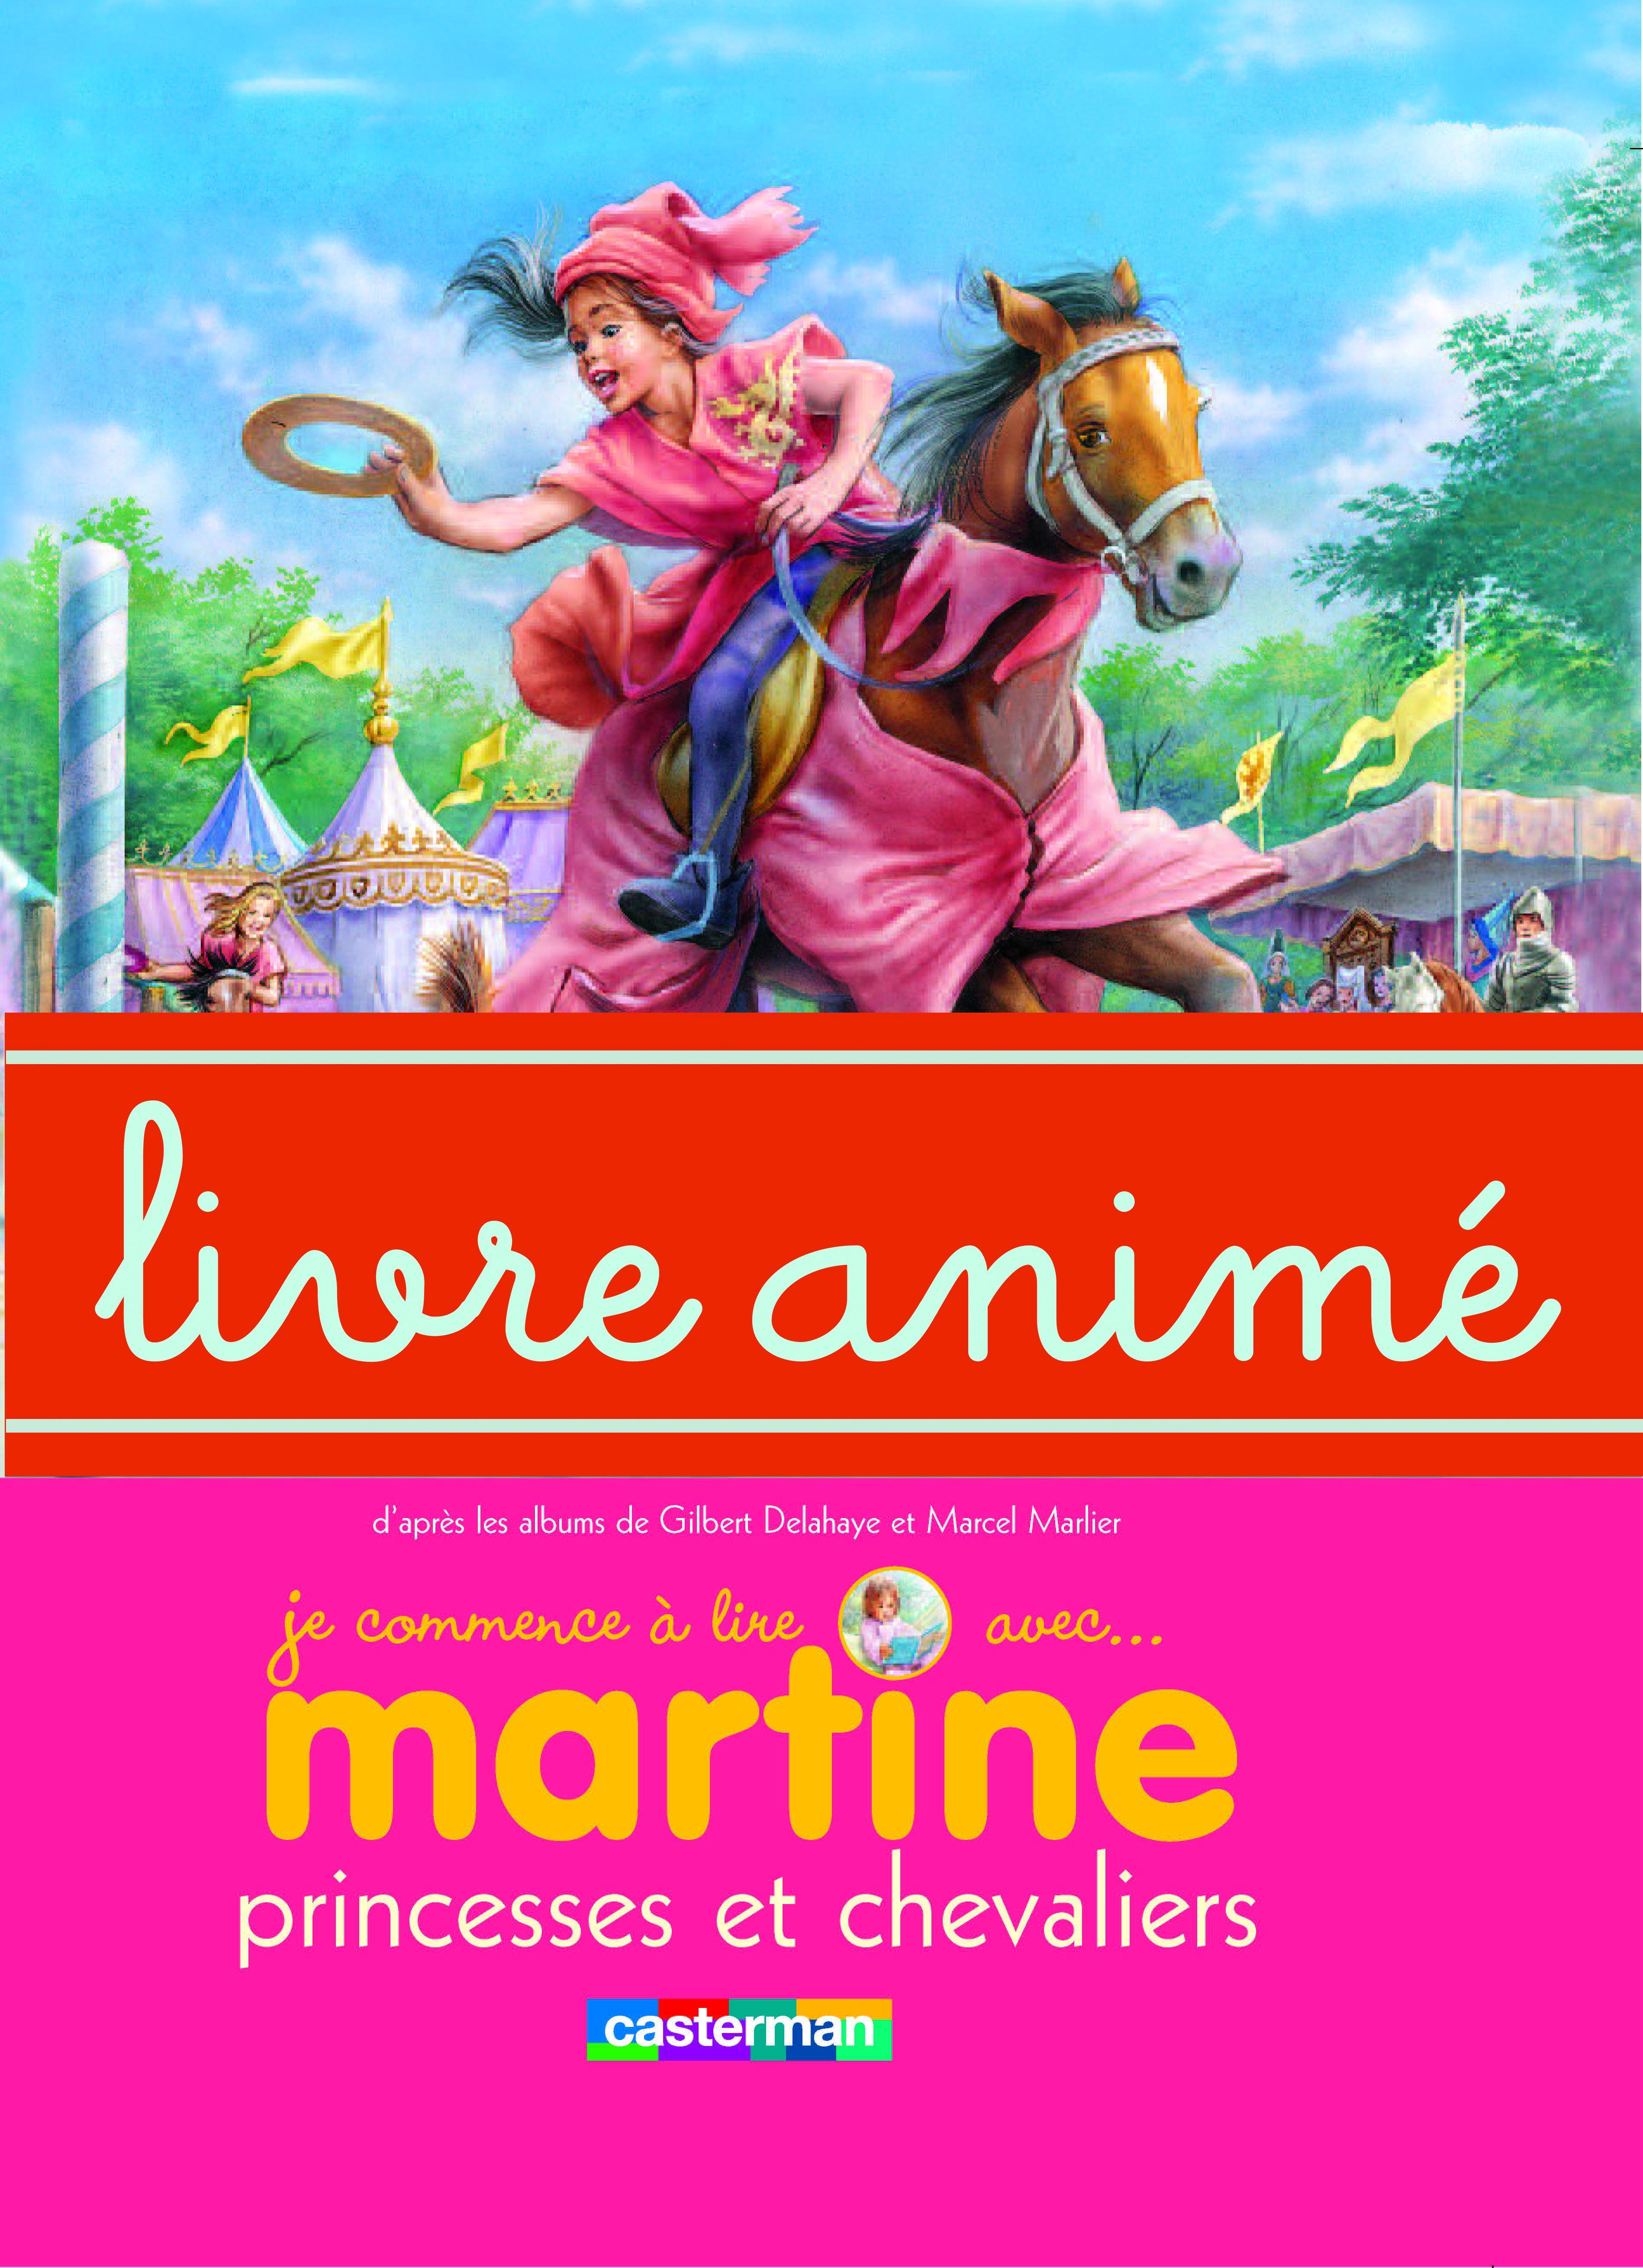 Martine, princesses et chevaliers - Livre animé